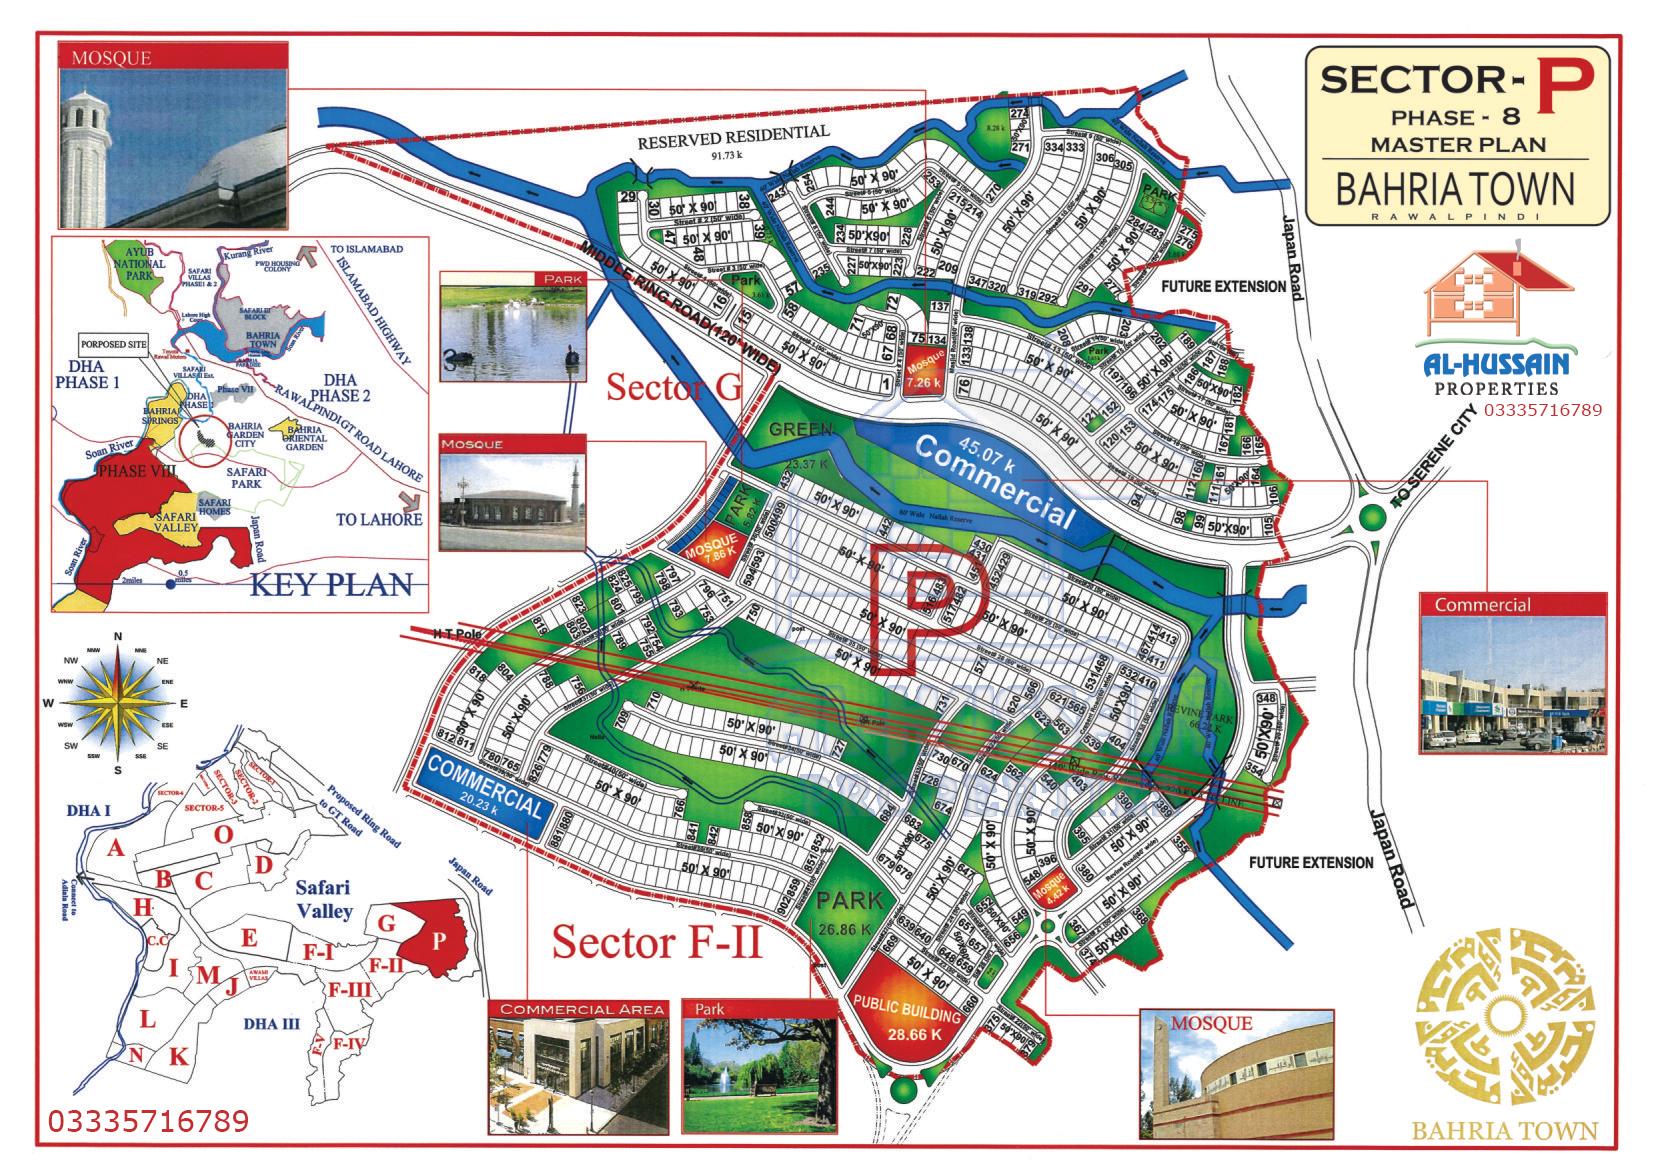 Master Plan Sector P Phase 8 Bahria Town Rawalpindi